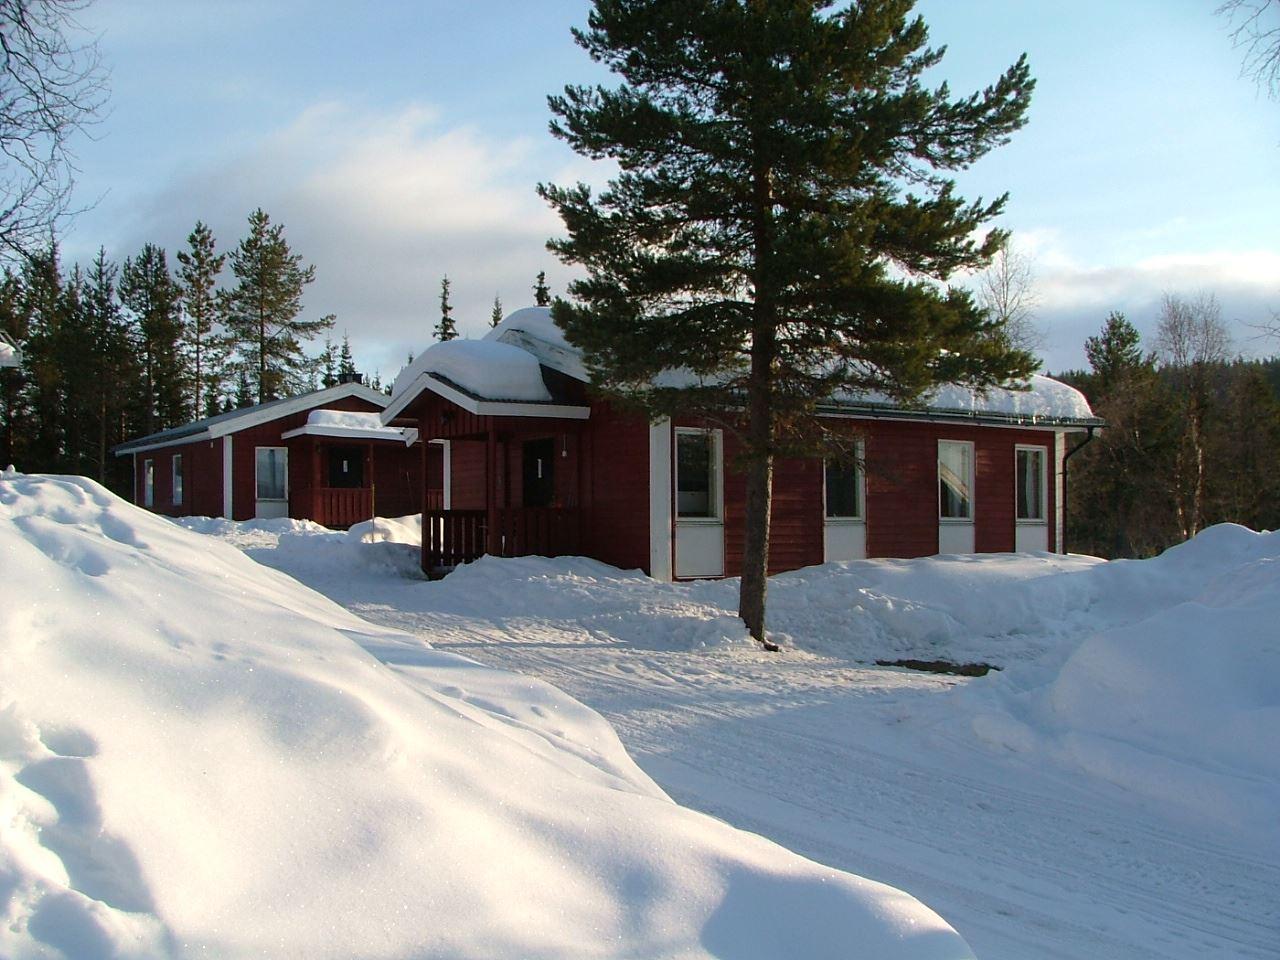 Vindelåforsens Stugby (Cabins)